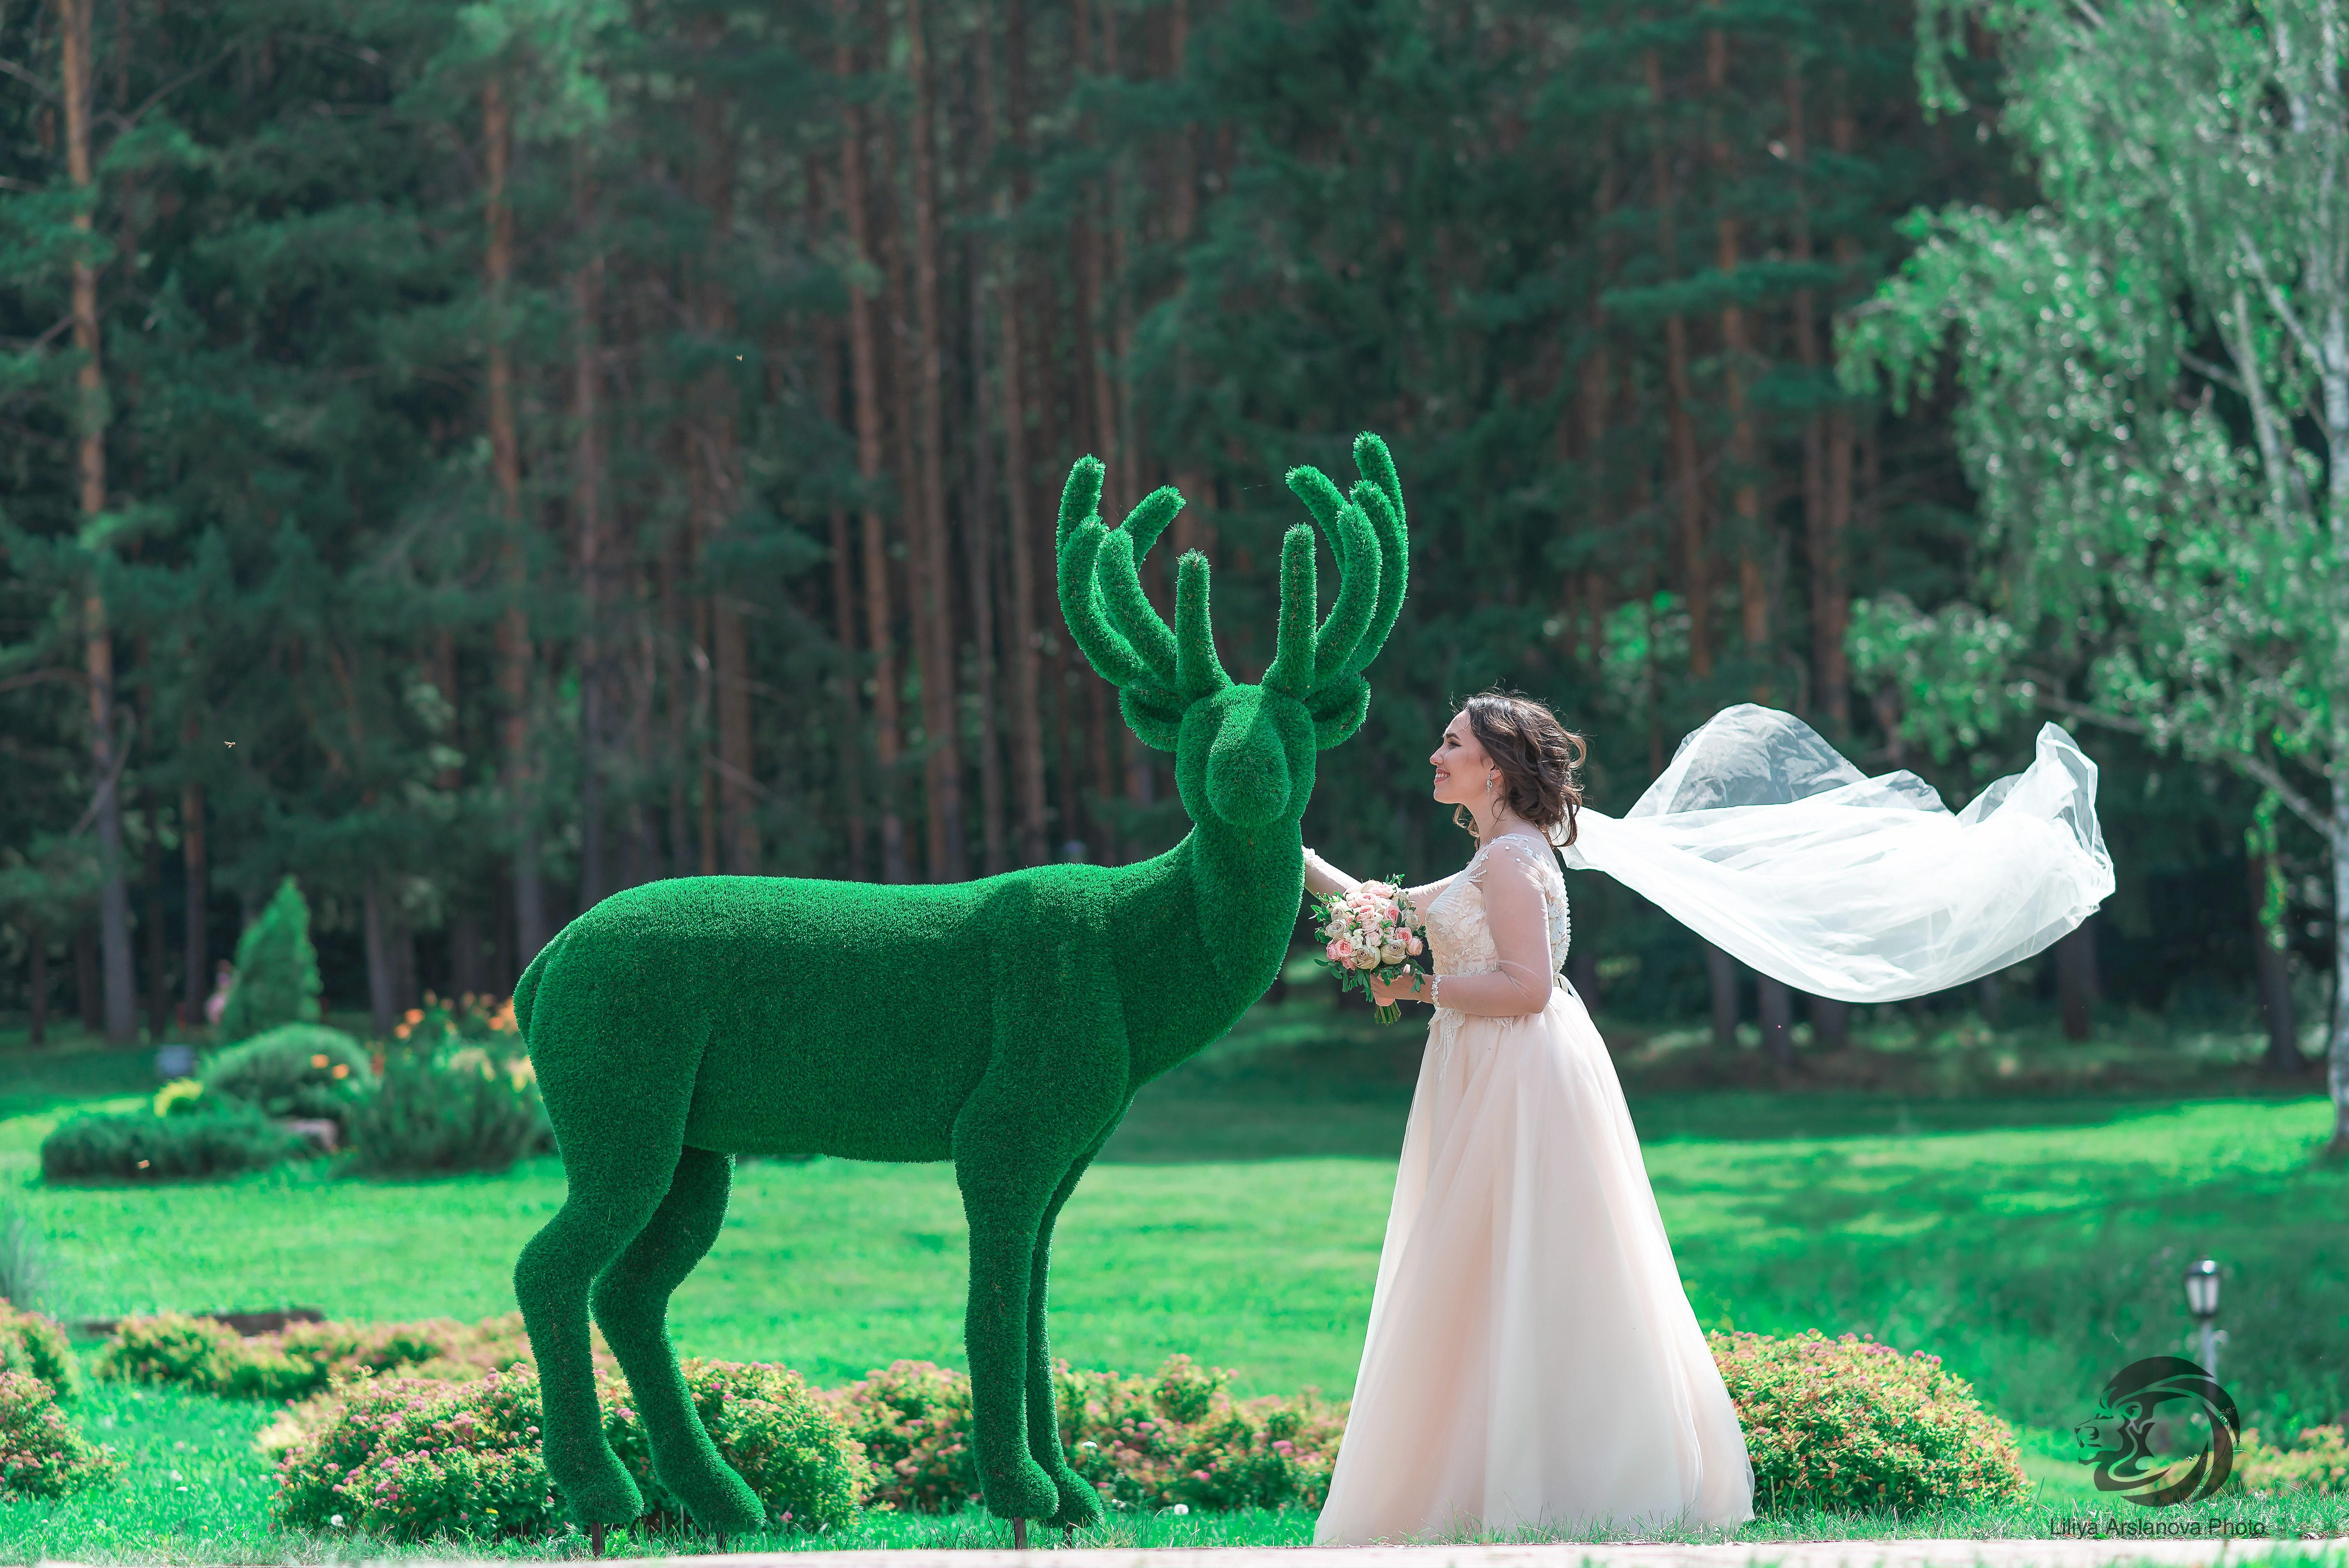 Невеста с оленем. Свадебный фотограф Стерлитамак , свадебный фотограф Красноусольск, фотограф на свадьбу стерлитамак недорого, фотограф свадебный цена стерлитамак санаторий красноусольск